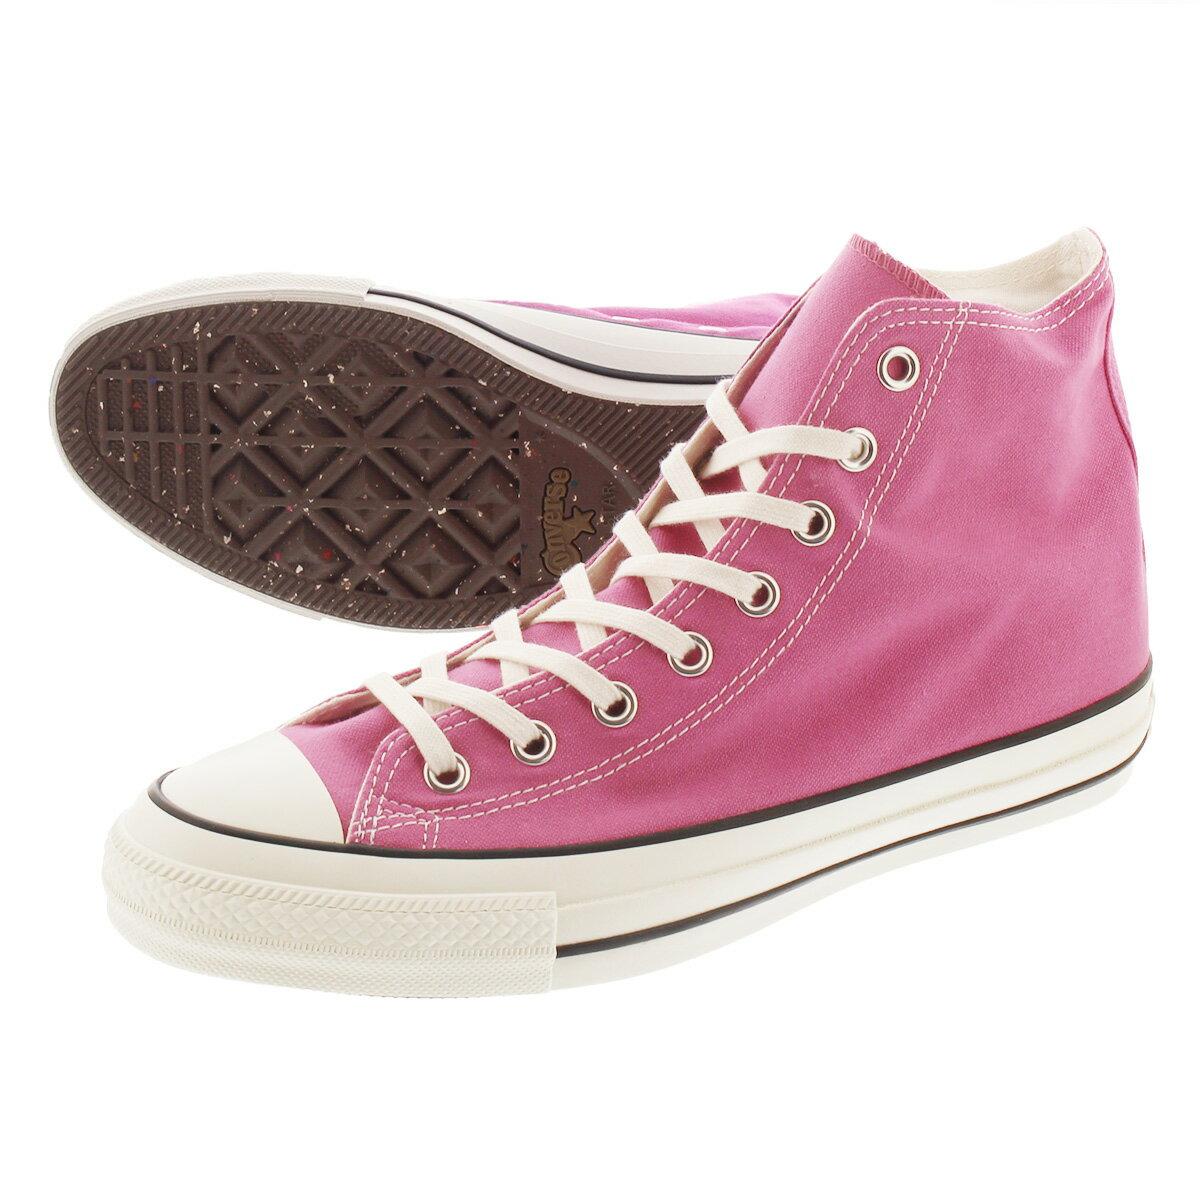 レディース靴, スニーカー CONVERSE ALL STAR FOOD TEXTILE HI PURPLE CABBAGE 31302571 1SC364